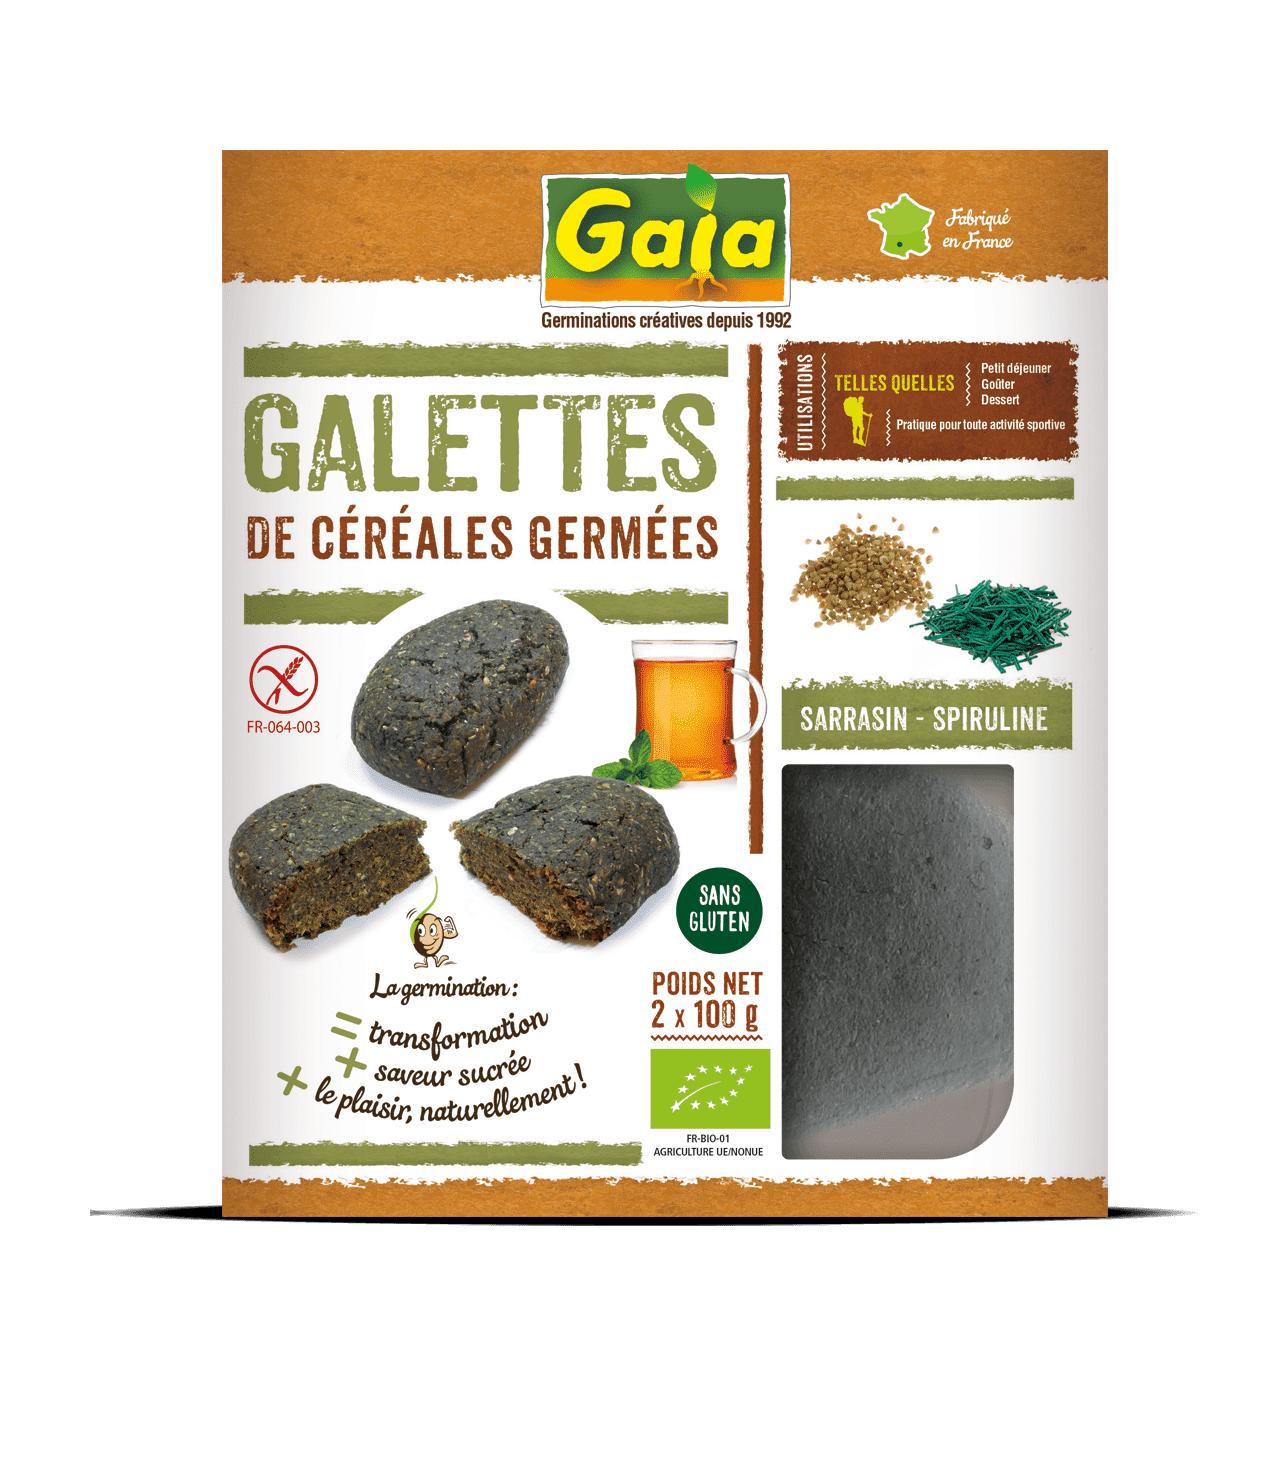 Gaia Galettes de céréales germées sarrasin/spiruline 2x100g